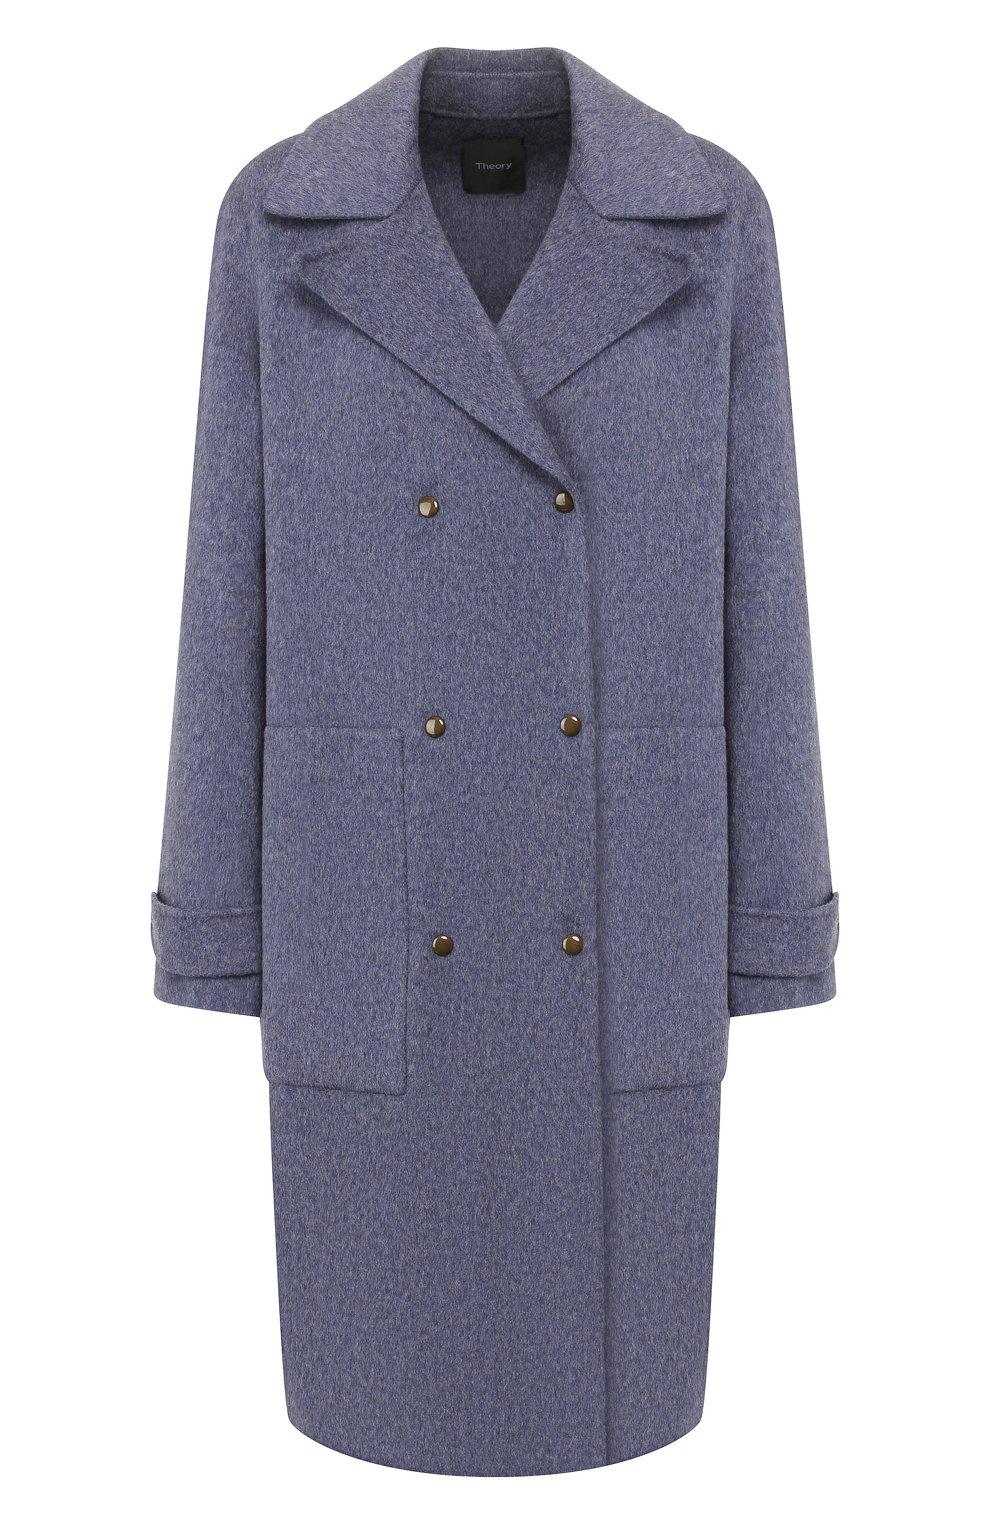 Женское пальто из смеси шерсти и кашемира THEORY синего цвета, арт. J0601405 | Фото 1